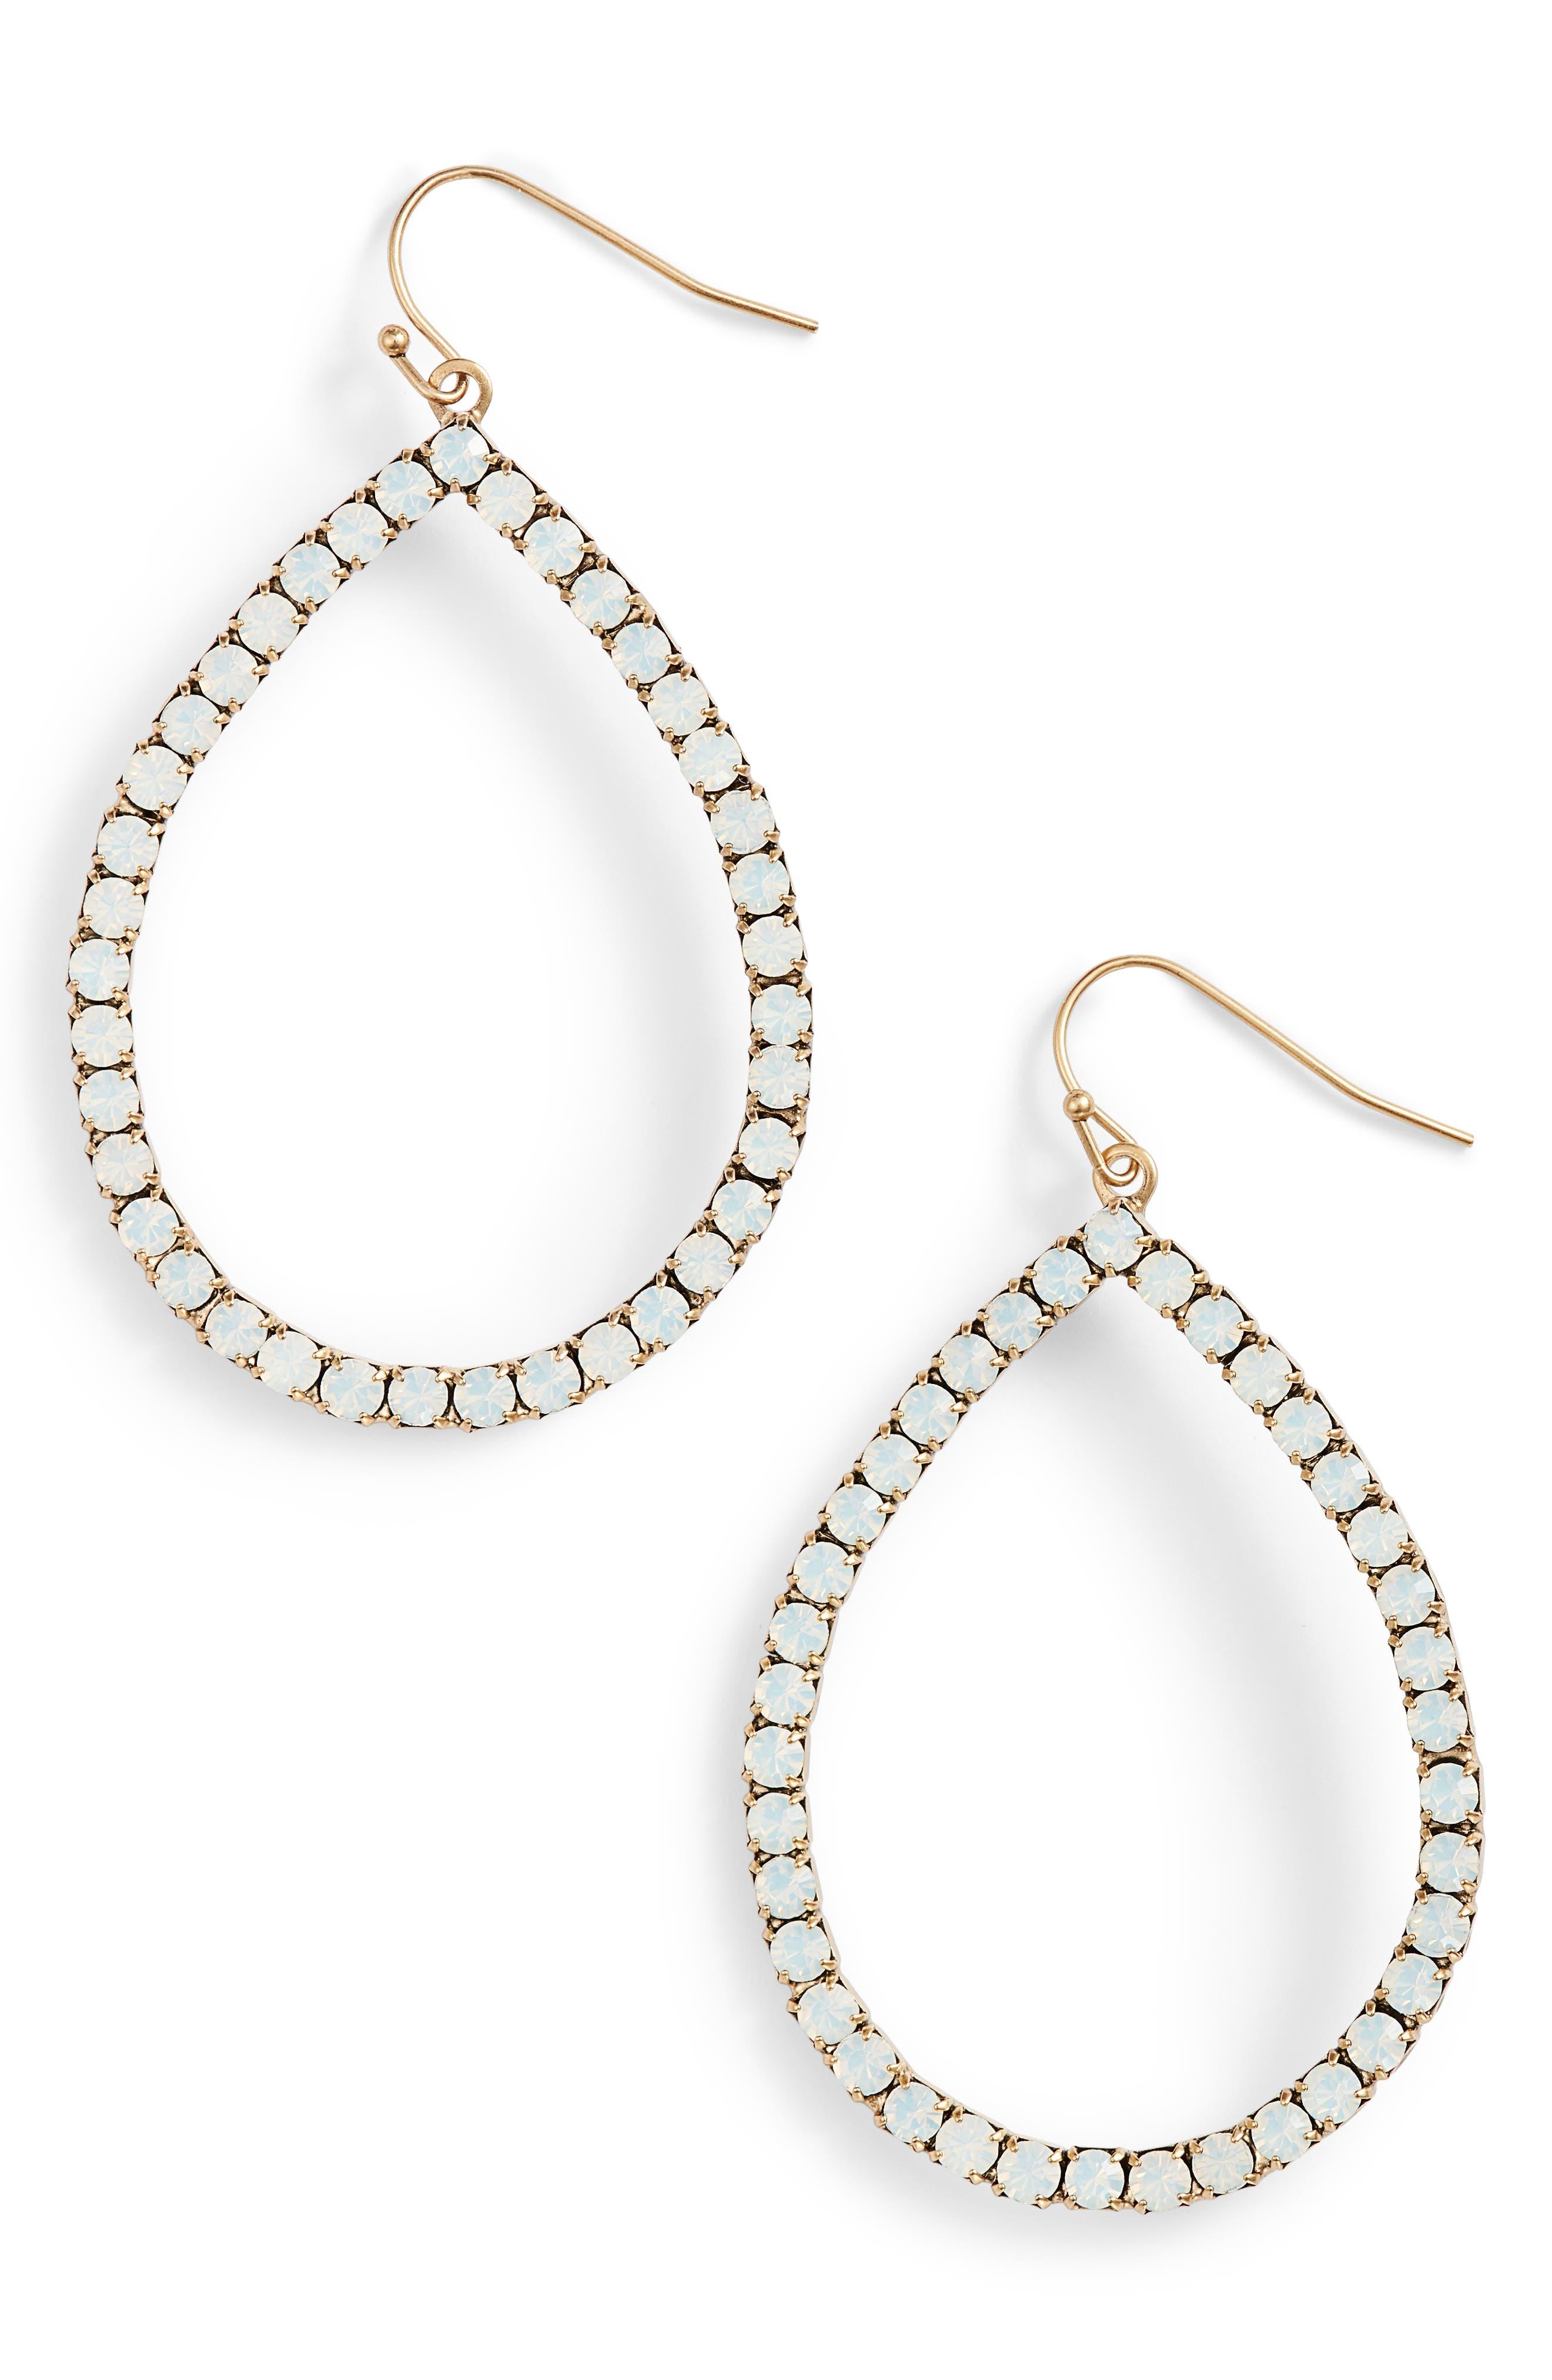 Emilia Crystal Teardrop Earrings,                             Main thumbnail 1, color,